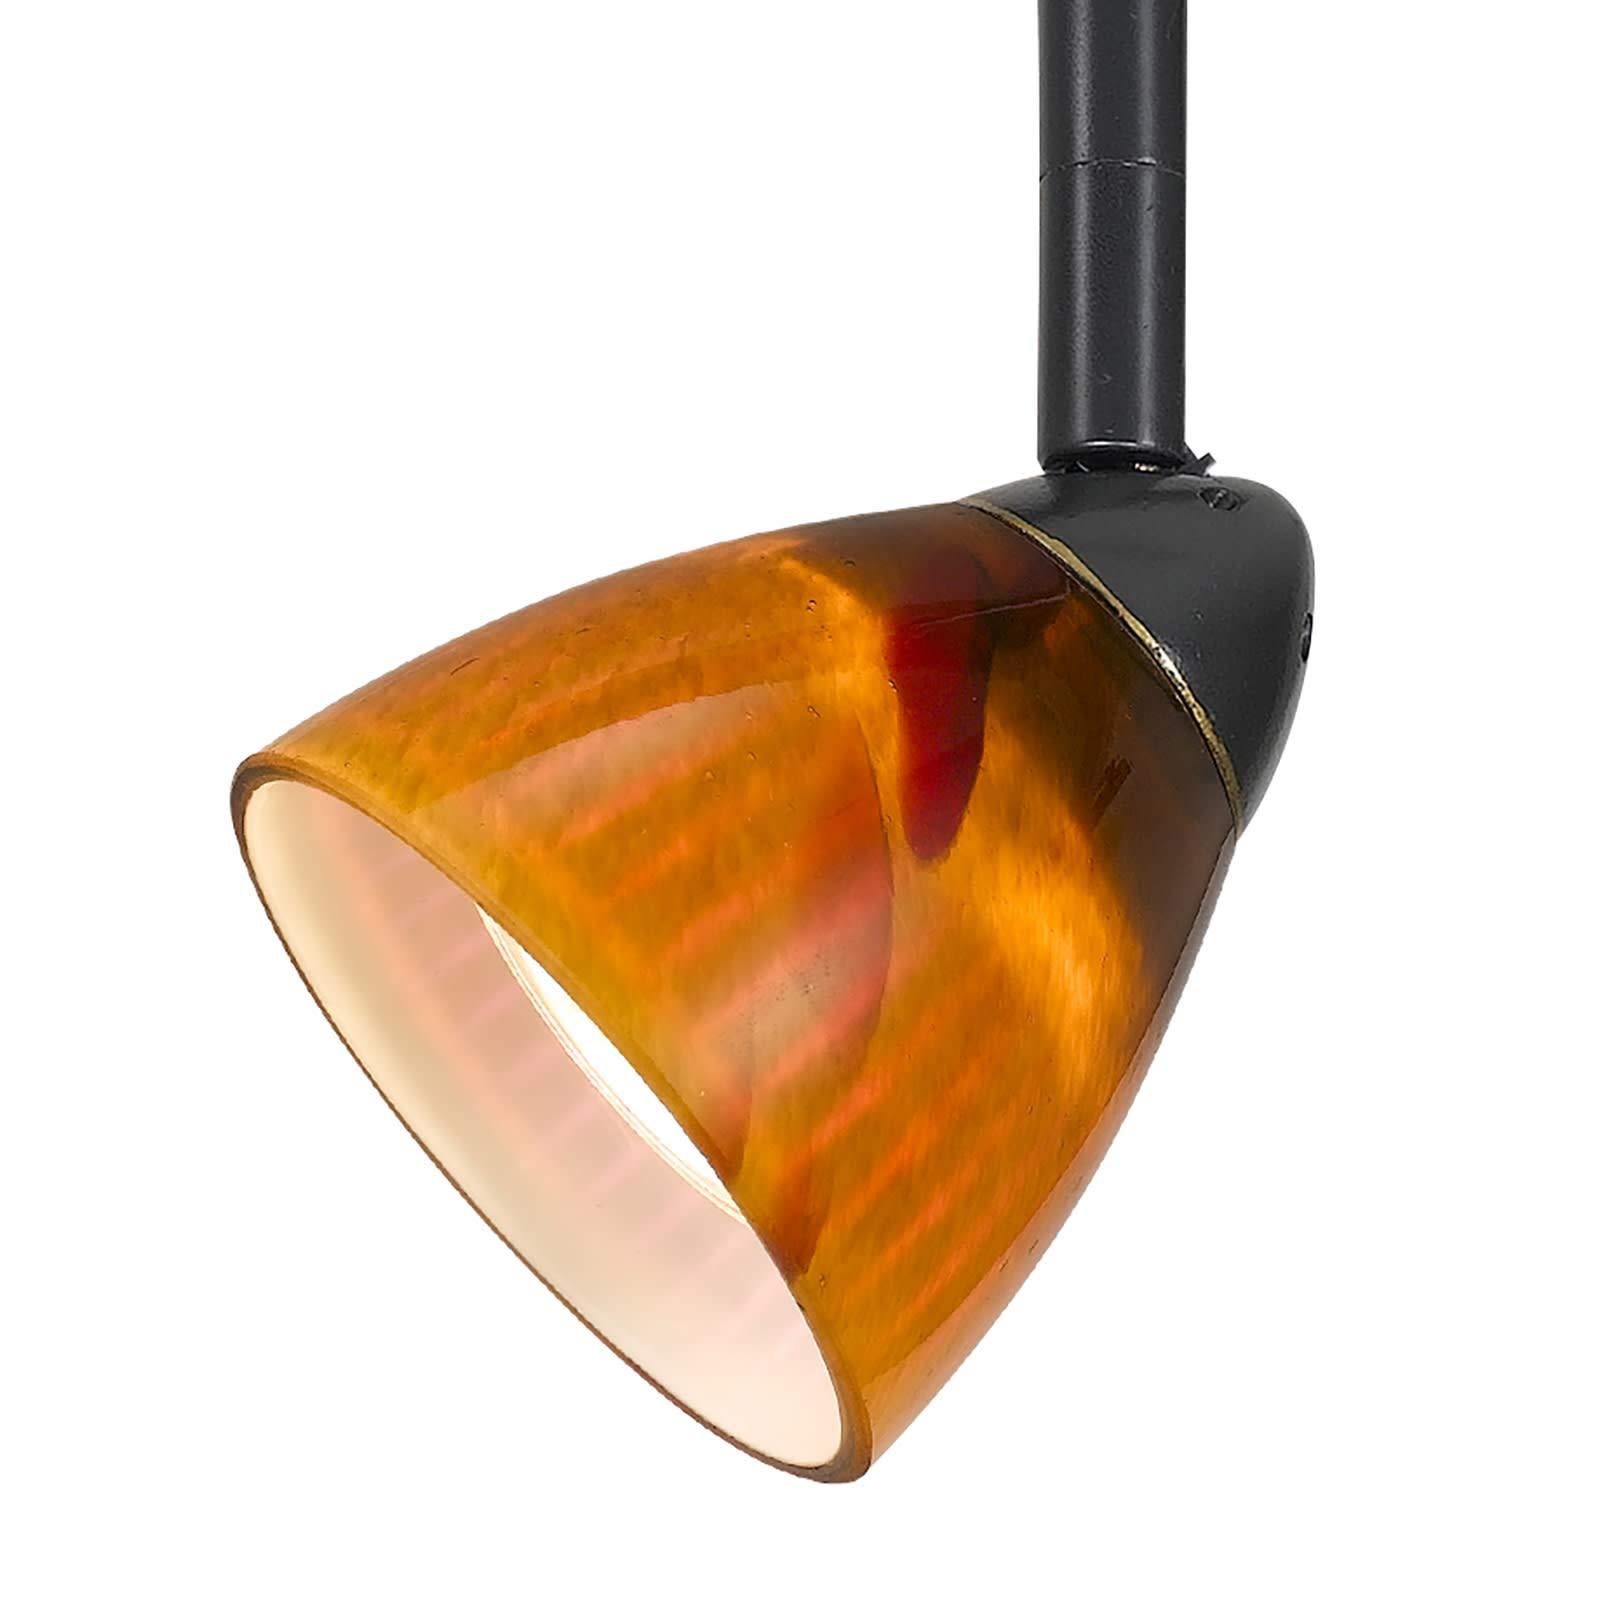 Cal Lighting HT-954-DB/AMS